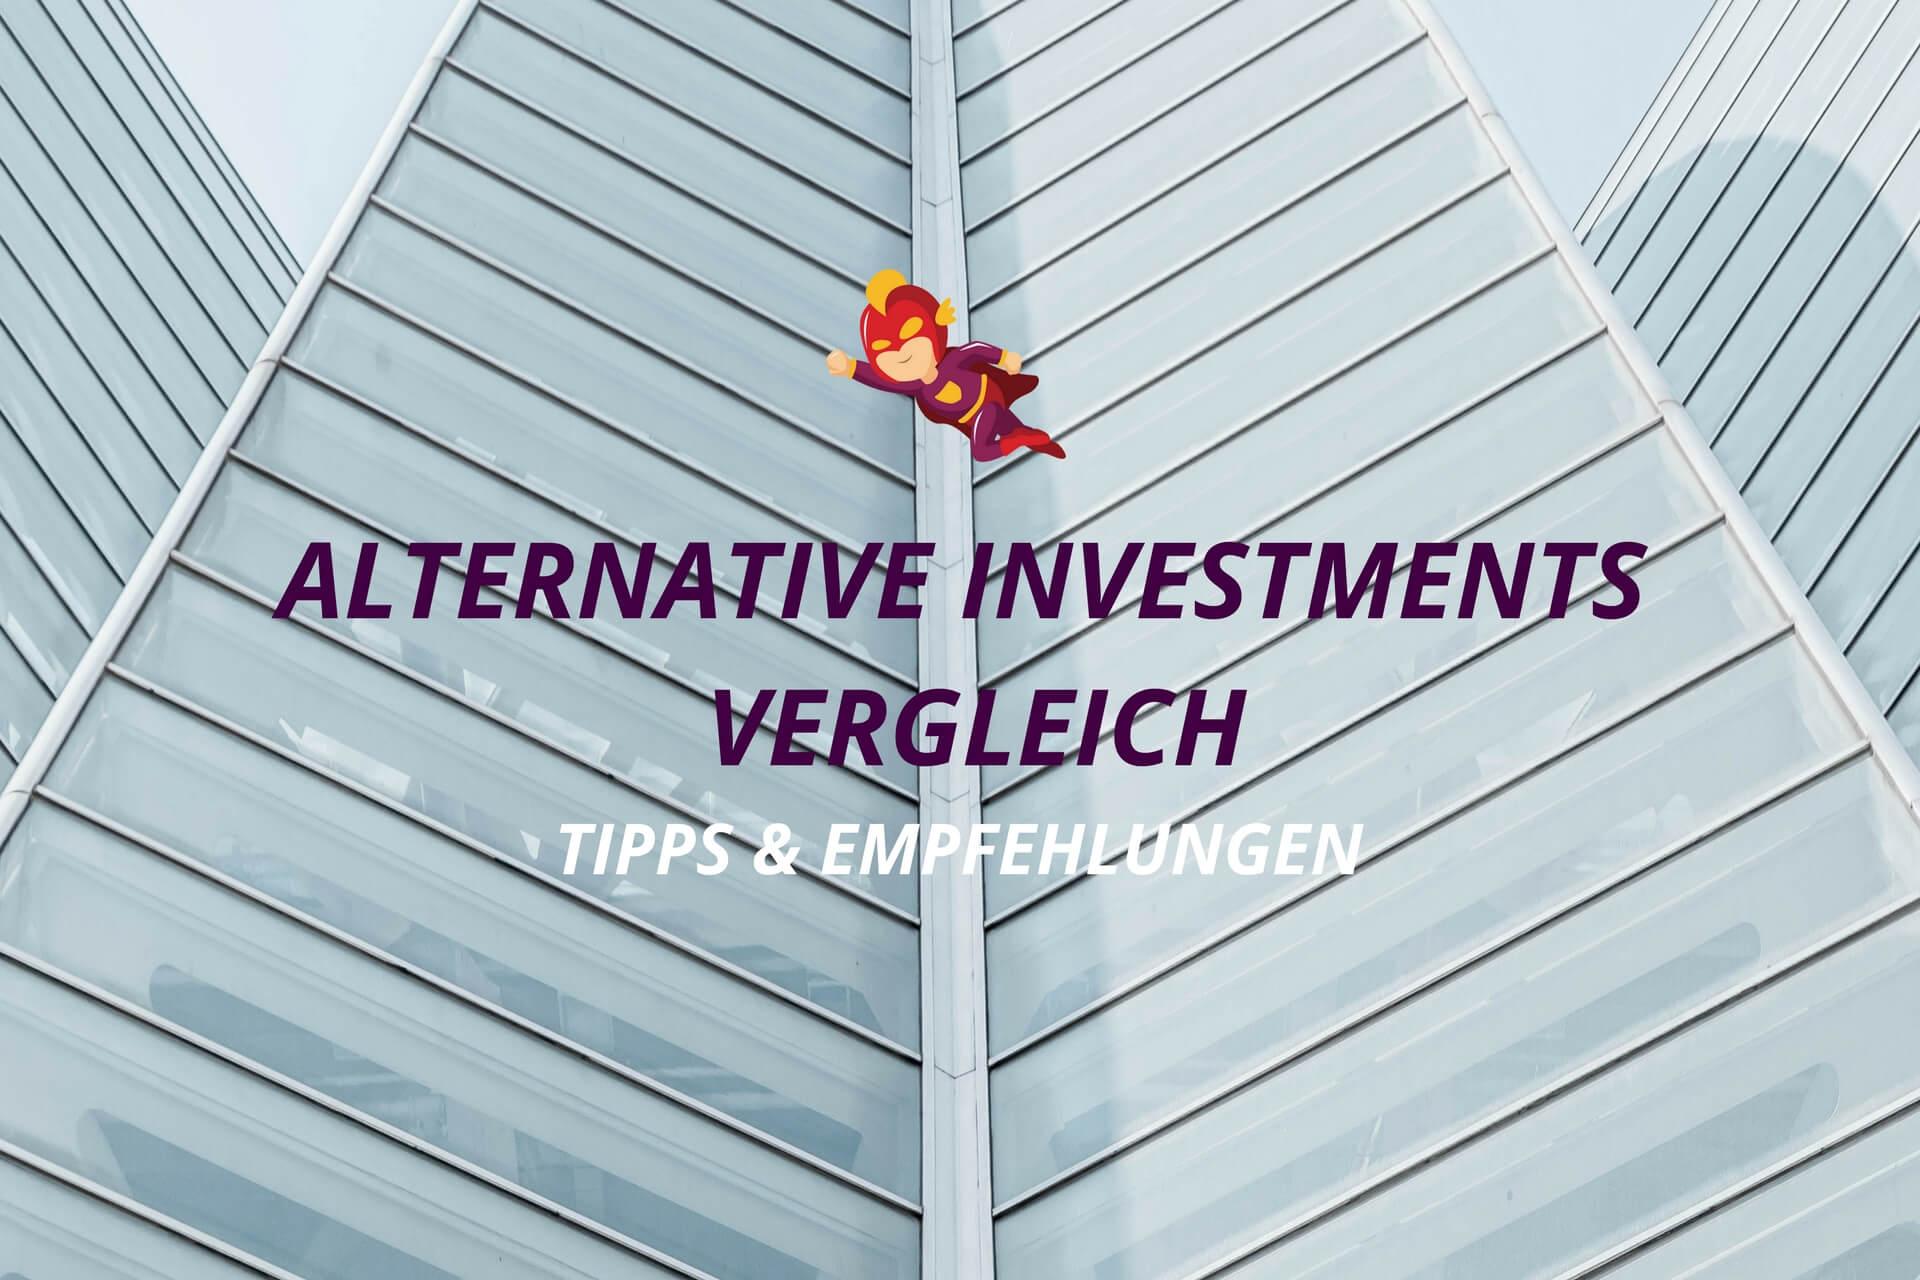 Alternative Investments Vergleich - Finanzhelden.org